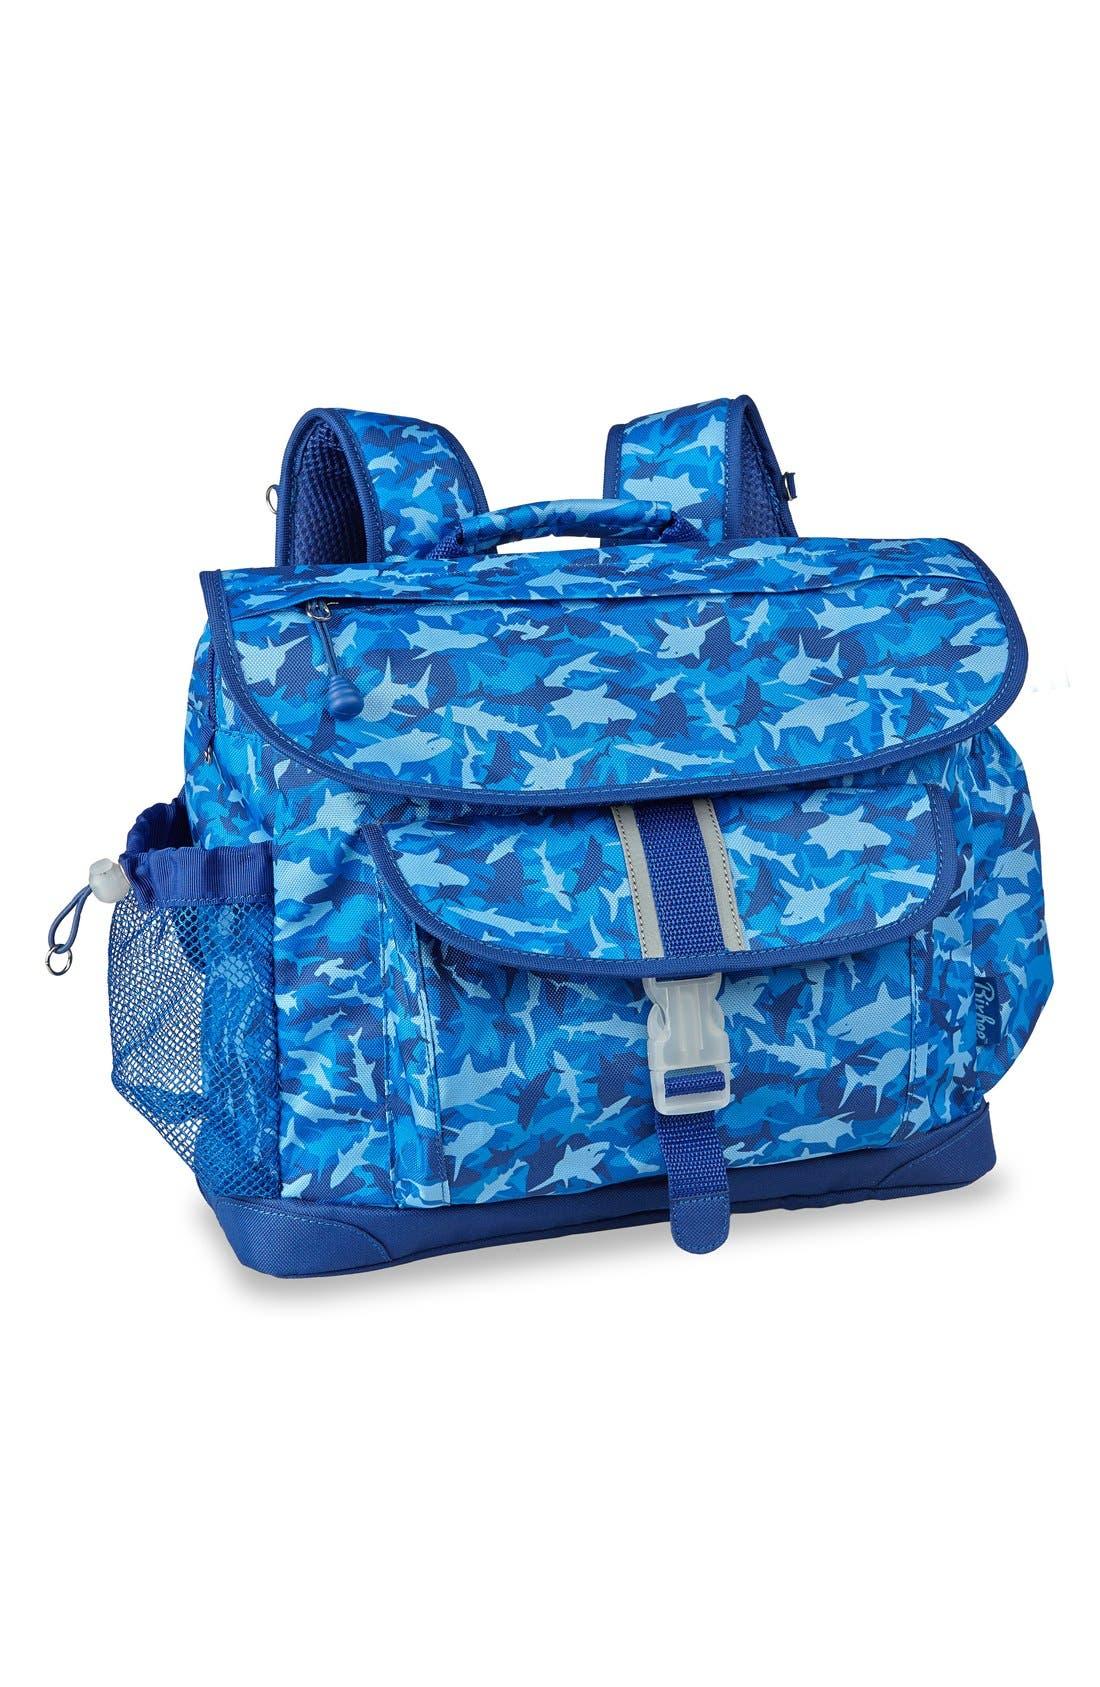 Bixbee 'Medium Shark Camo' Water Resistant Backpack (Kids)